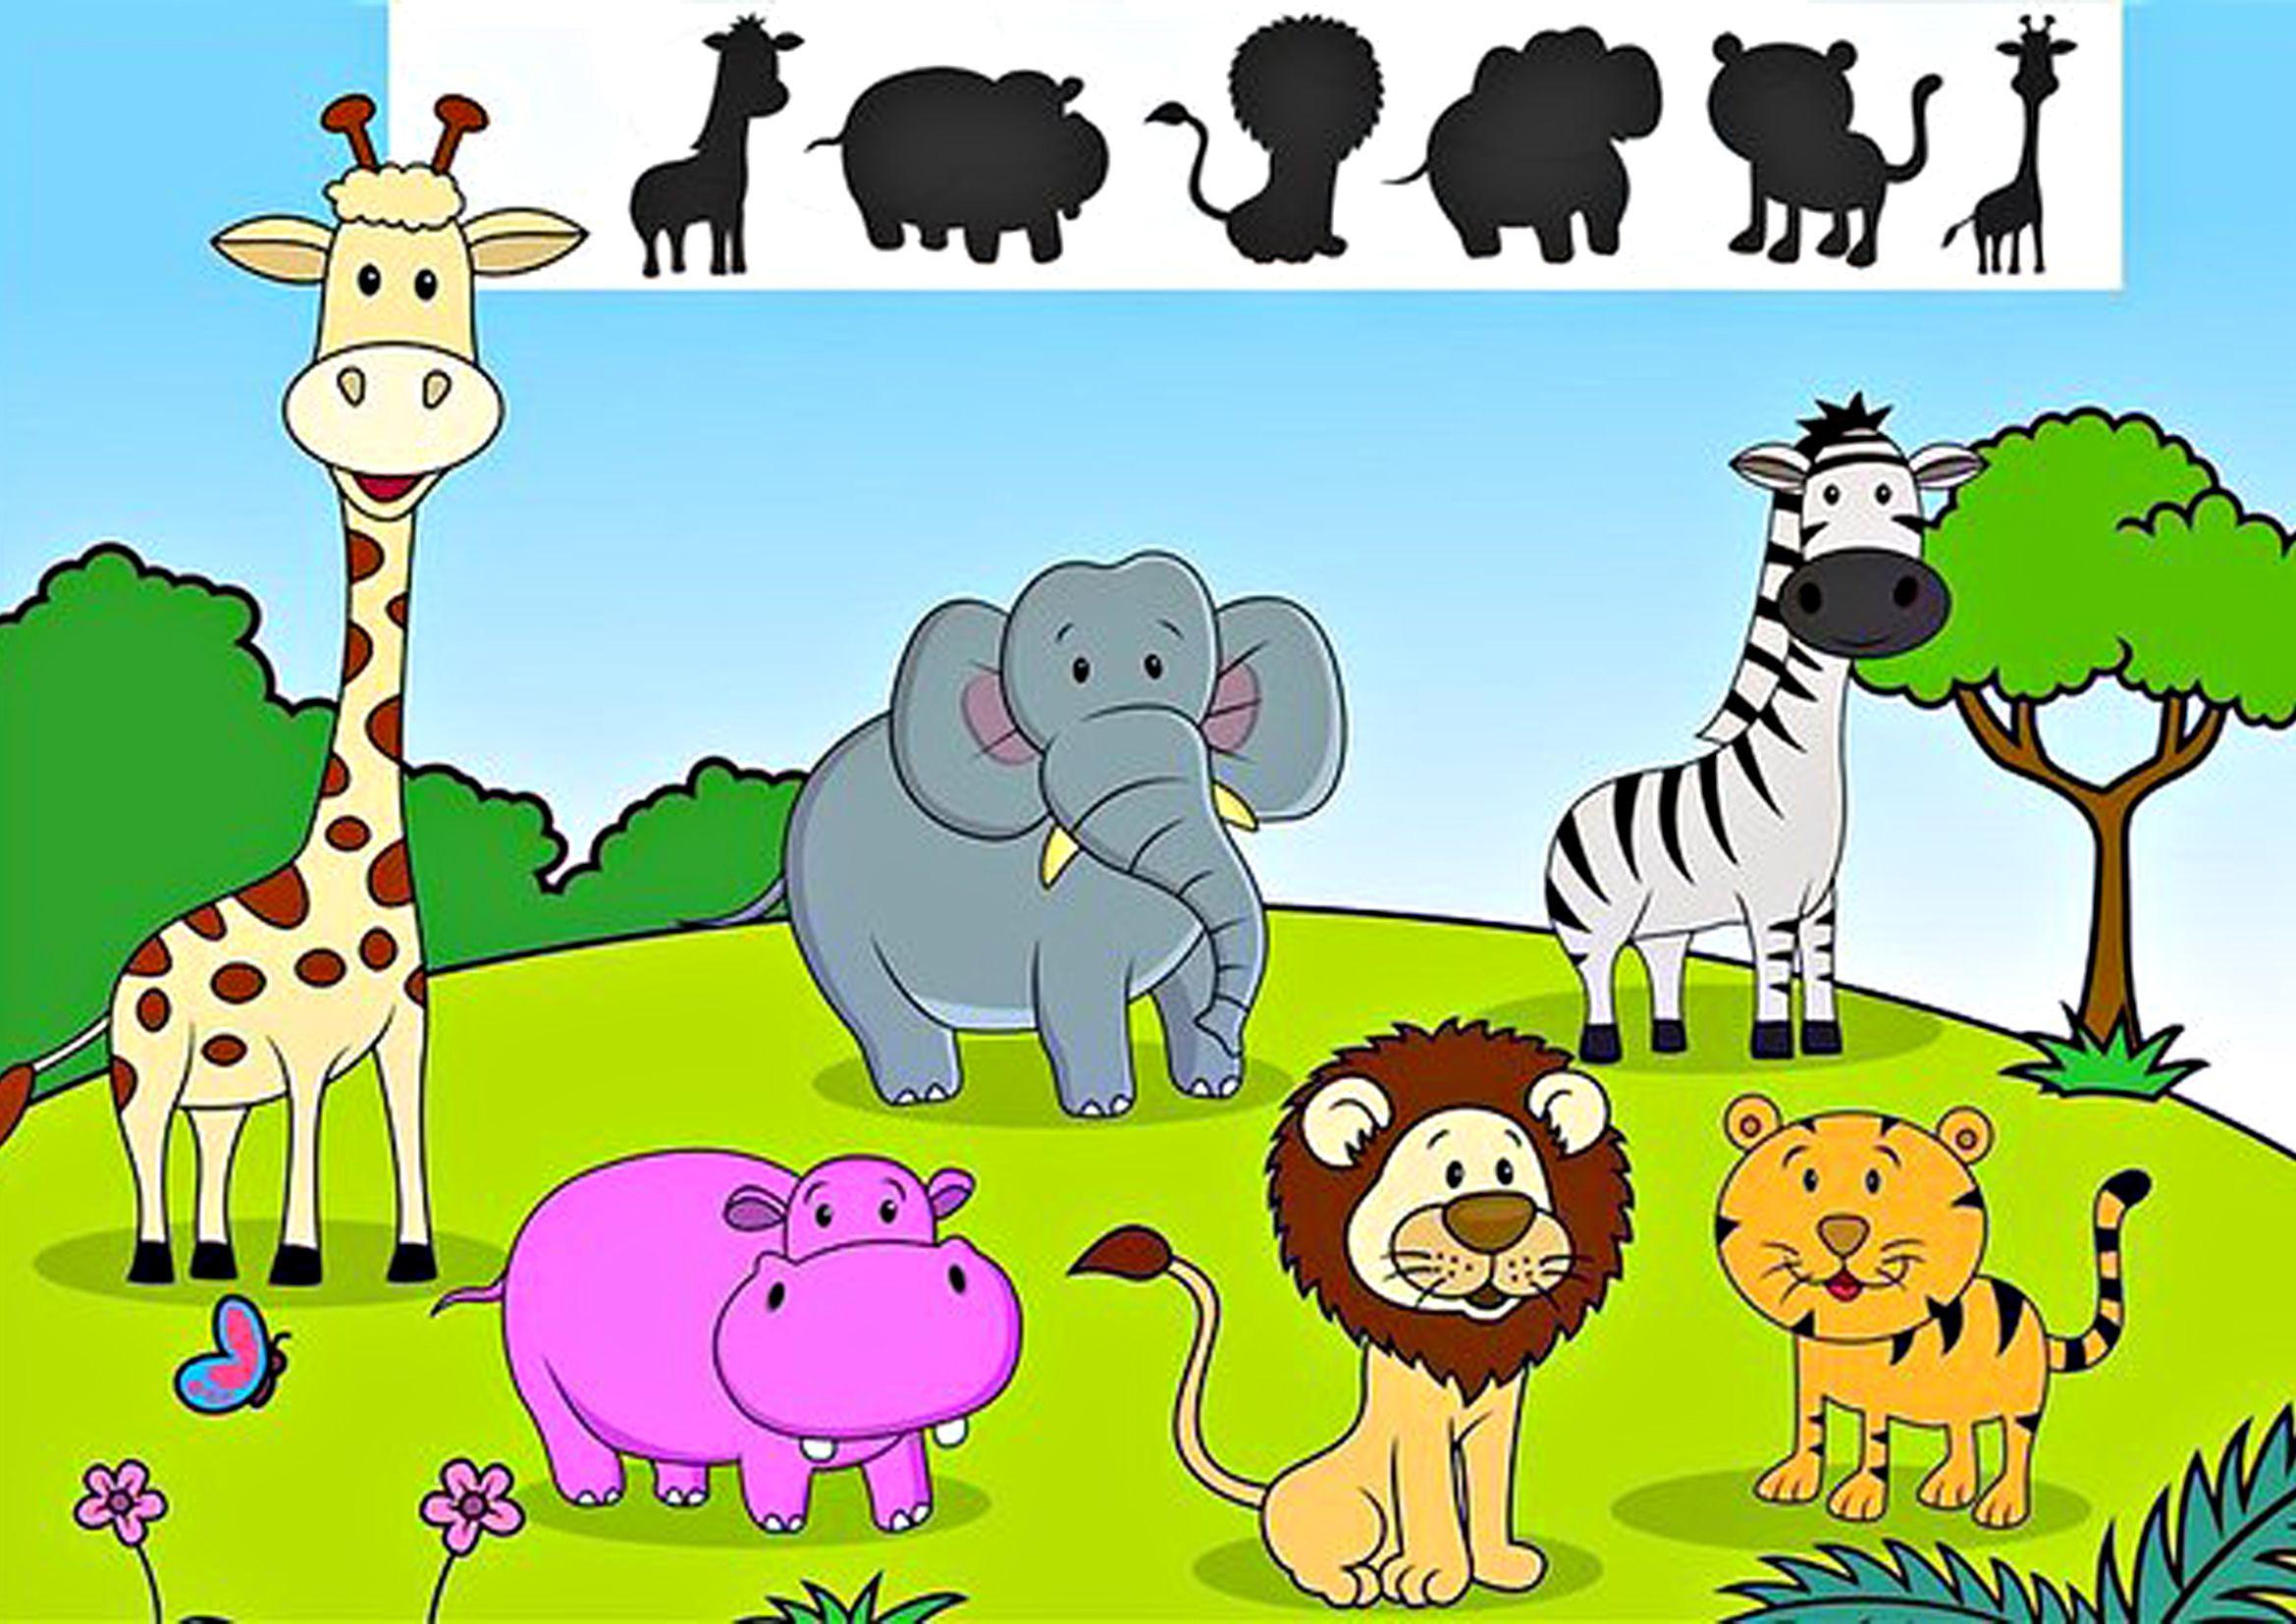 картинки животные развивающие игры для бесконечное множество рецептов